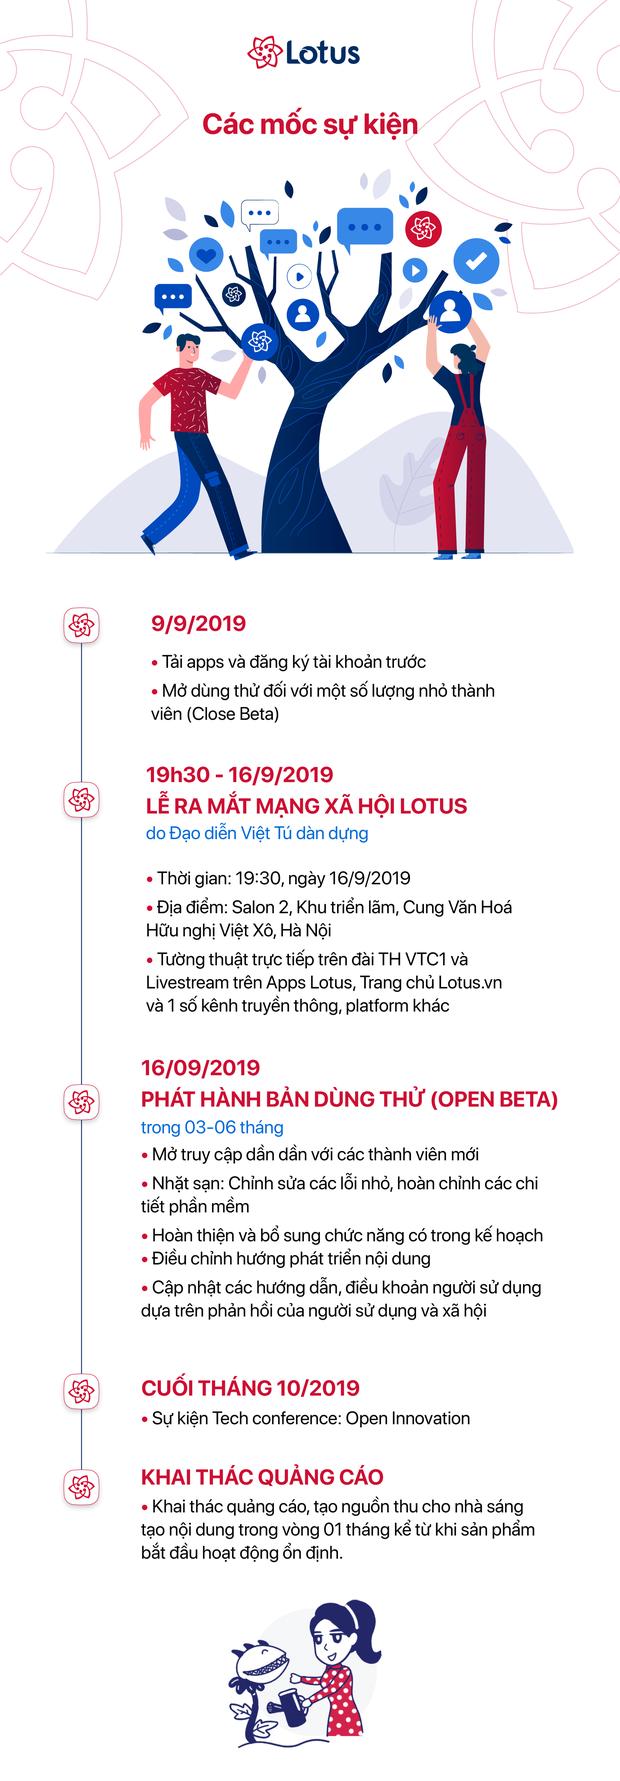 """Doanh nhân, bác sĩ kỳ vọng về MXH """"make in Việt Nam"""": Lotus là sân chơi mới, sẽ giúp nội dung được trở về đúng giá trị đích thực - Ảnh 5."""